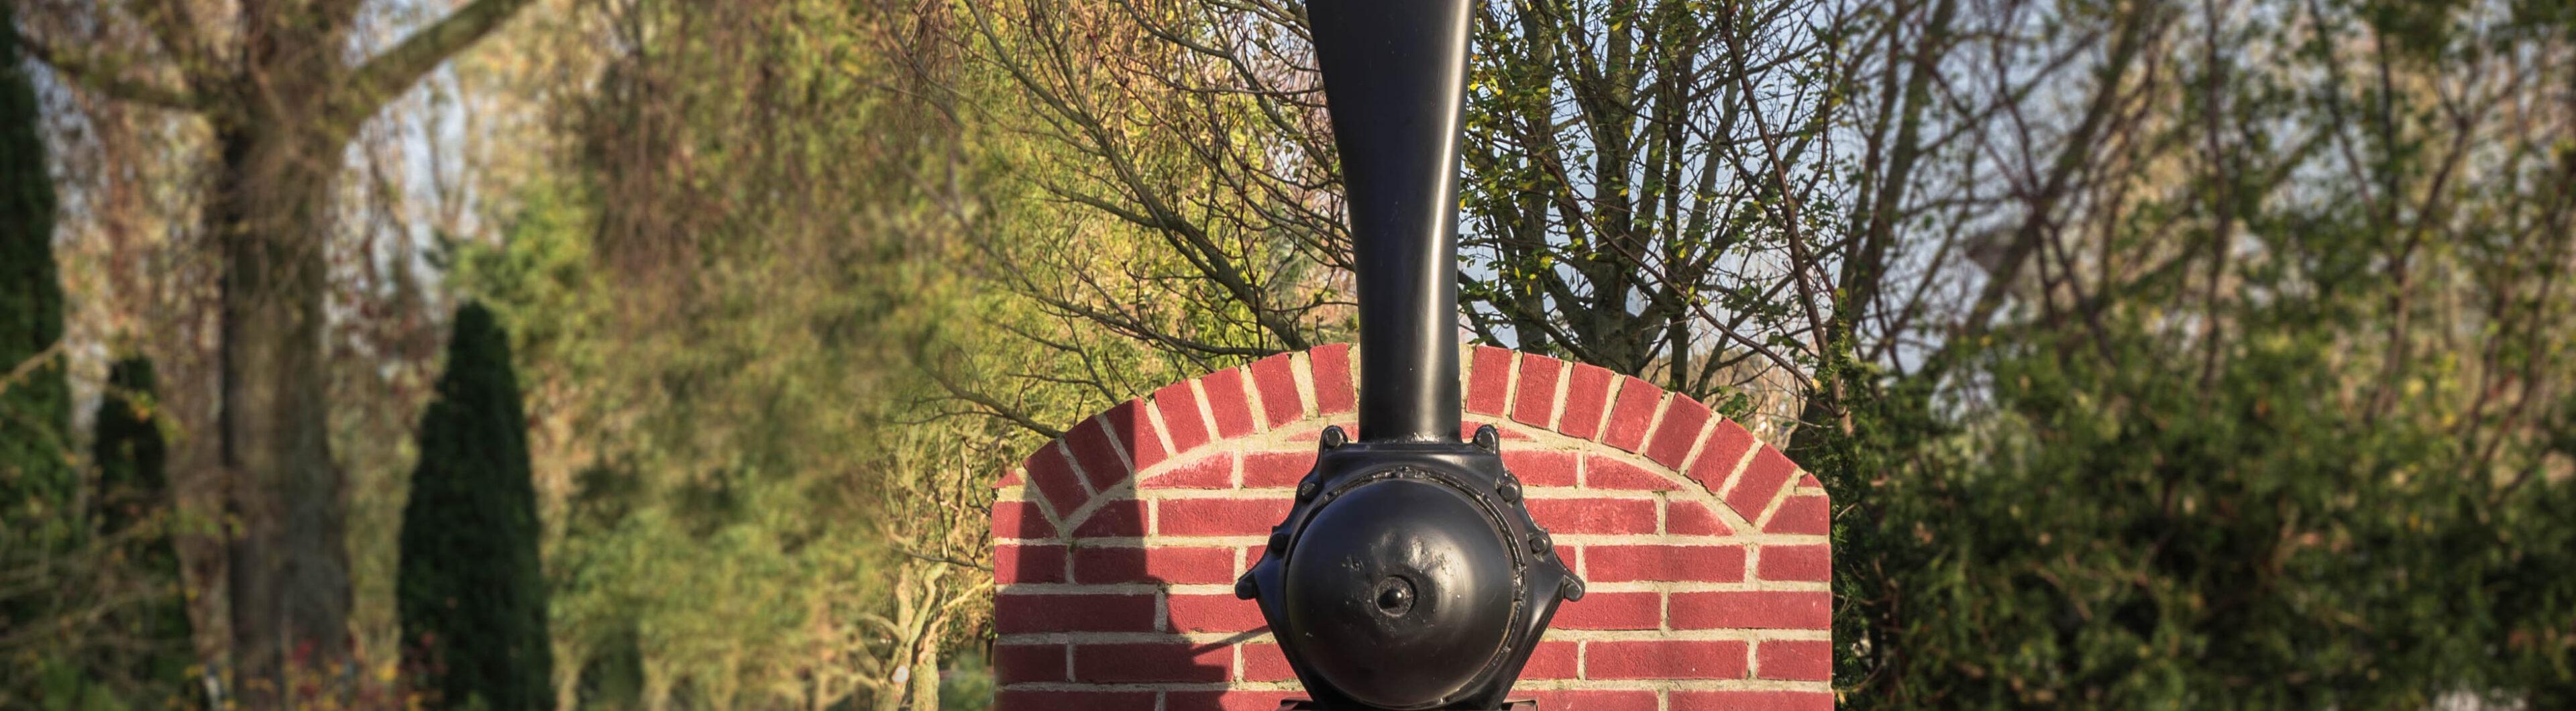 monument stirling BK716